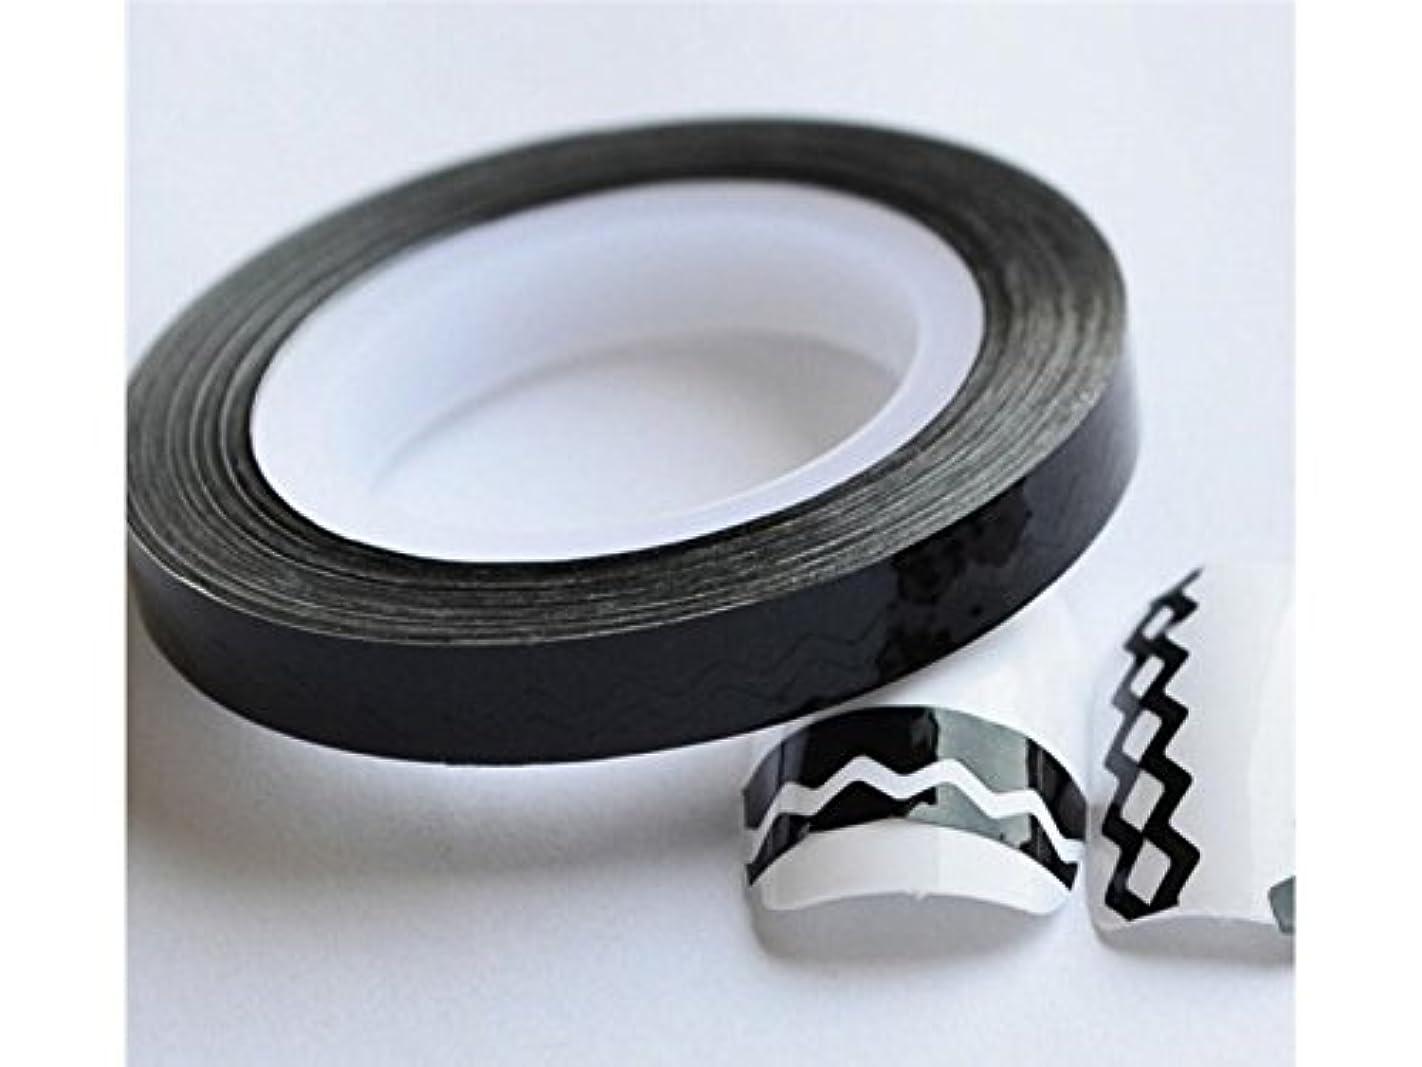 静かにヒューズオデュッセウスOsize ファンシーストライプストライピングテープロールネイルアートエッジDIYデコレーションラインステッカー(ブラック)